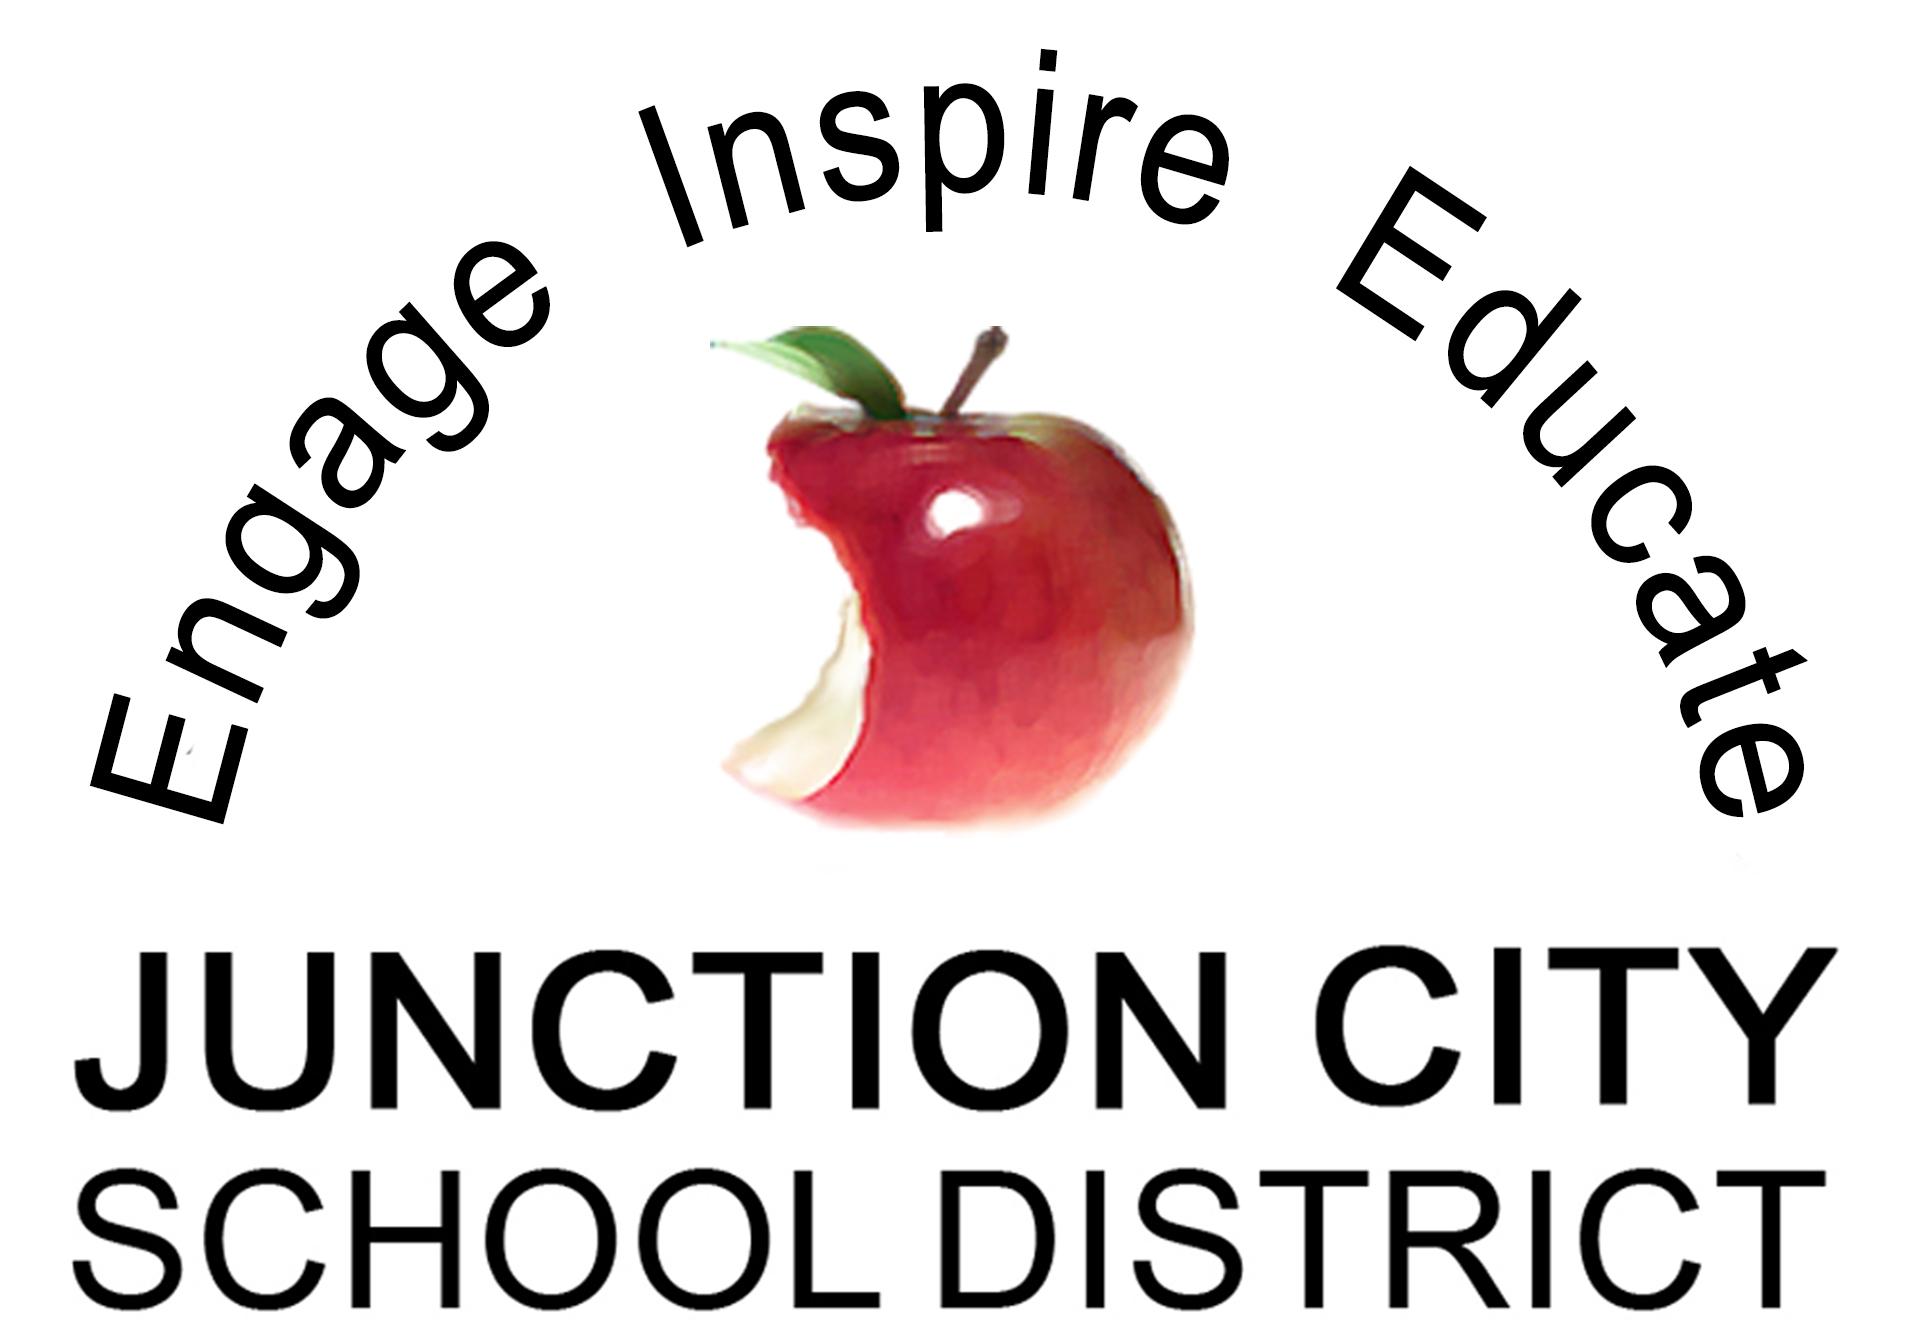 JUNCTION CITY SCHOOL DISTRICT